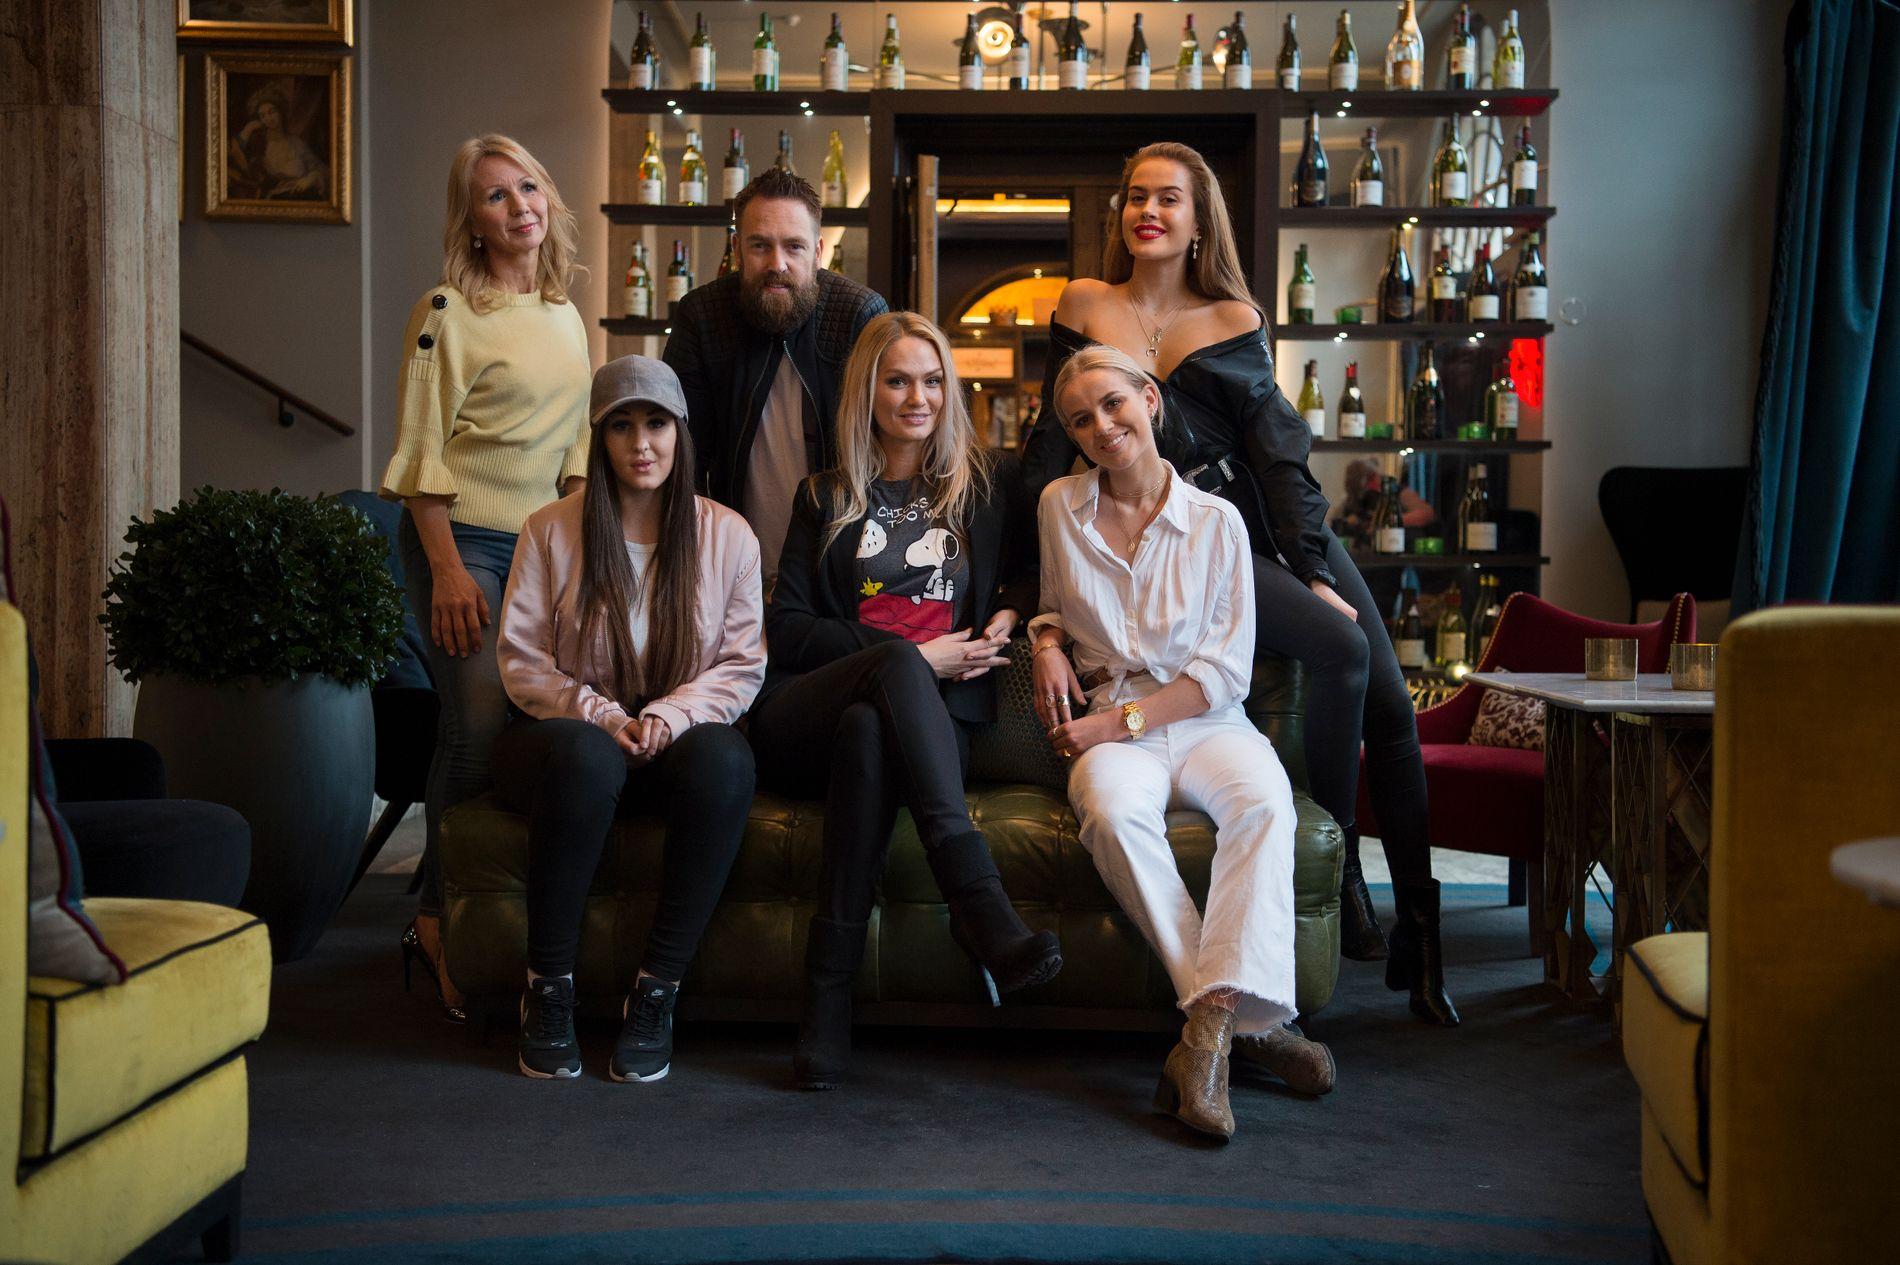 NY SESONG: «Bloggerne» er tilbake på skjermen på TV 2. Foran fra venstre Anna Rasmussen, Marna Haugen Burøe, Anniken Jørgensen. Bak Anne Brith Davidsen, Ørjan Burøe og Kristine Ullebø.